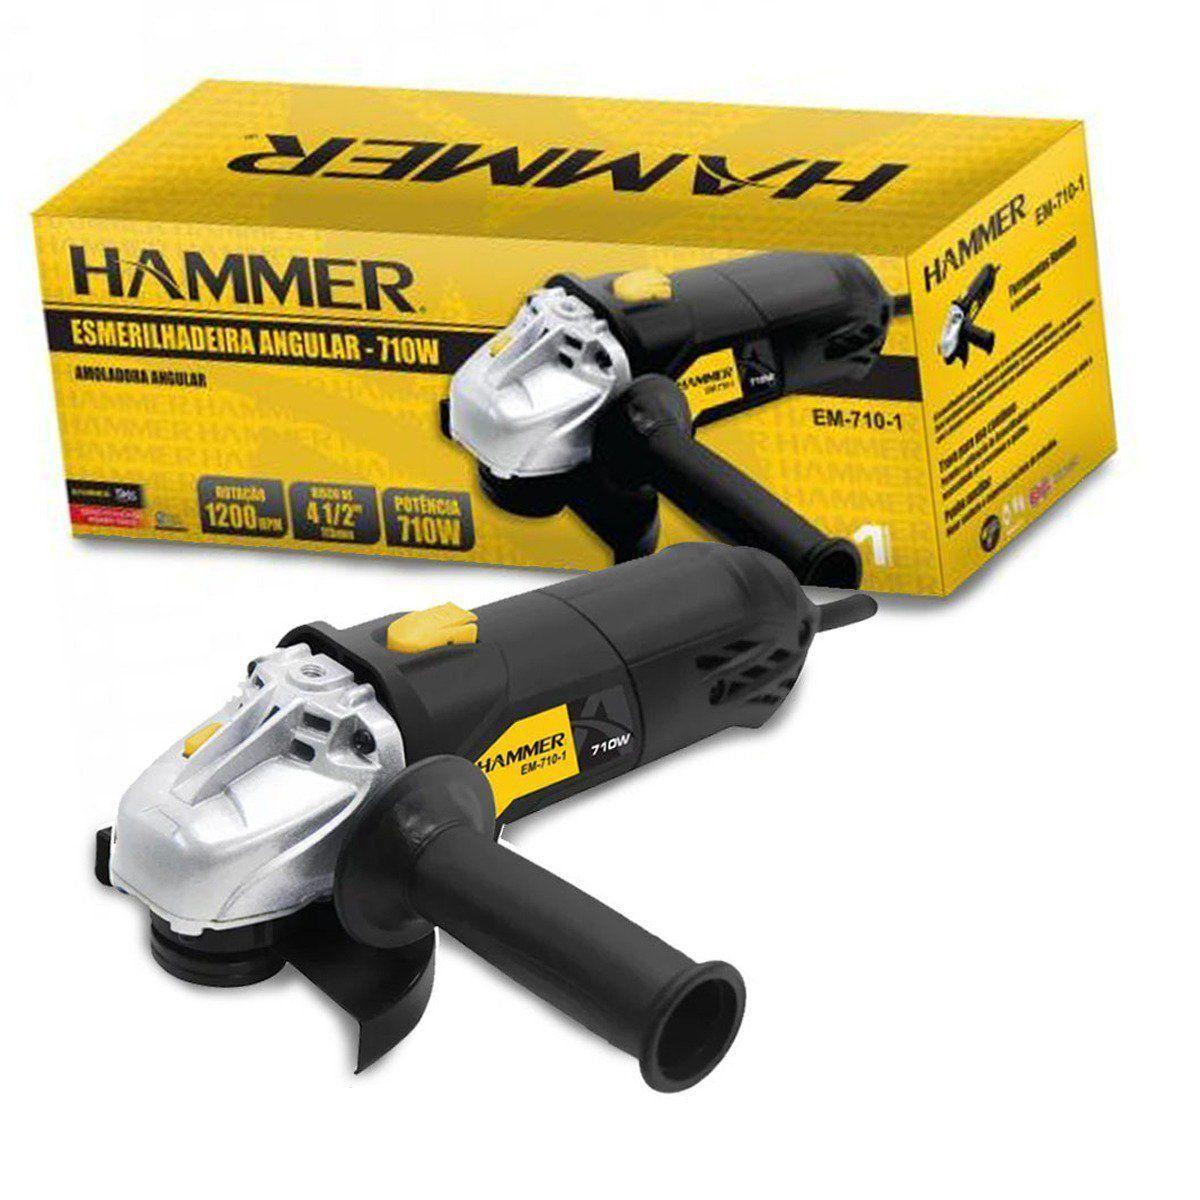 Esmerilhadeira Angular 710 W Rolamentada  Hammer EM-710-1 -110v  - EMPORIO K